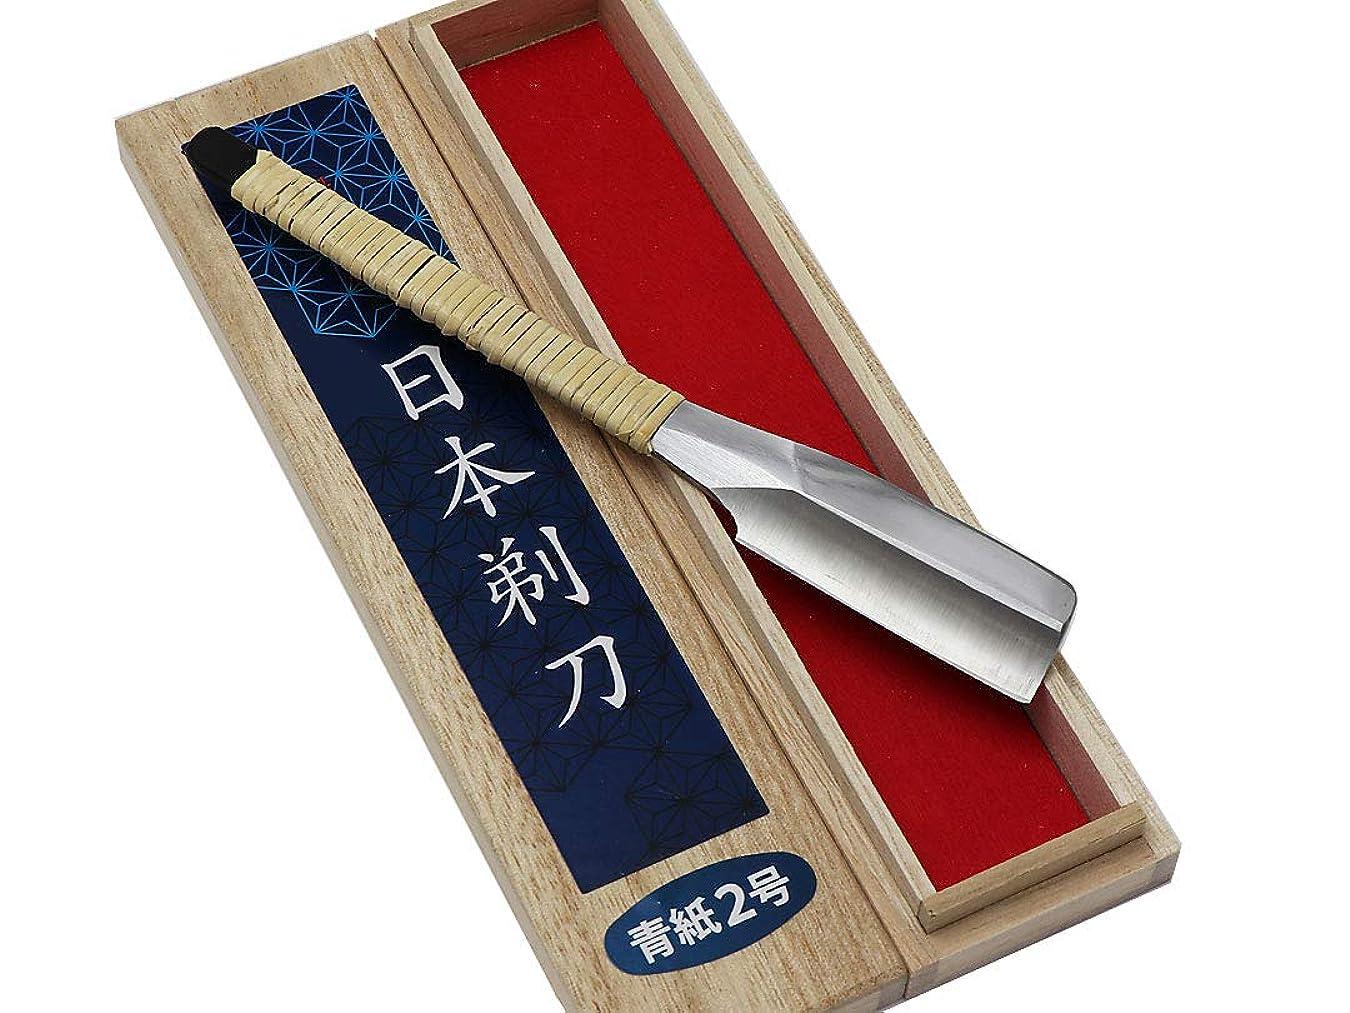 先住民呪われたれる播州打ち刃物 兼長作 日本剃刀(にほんかみそり) 青二鋼 桐箱入